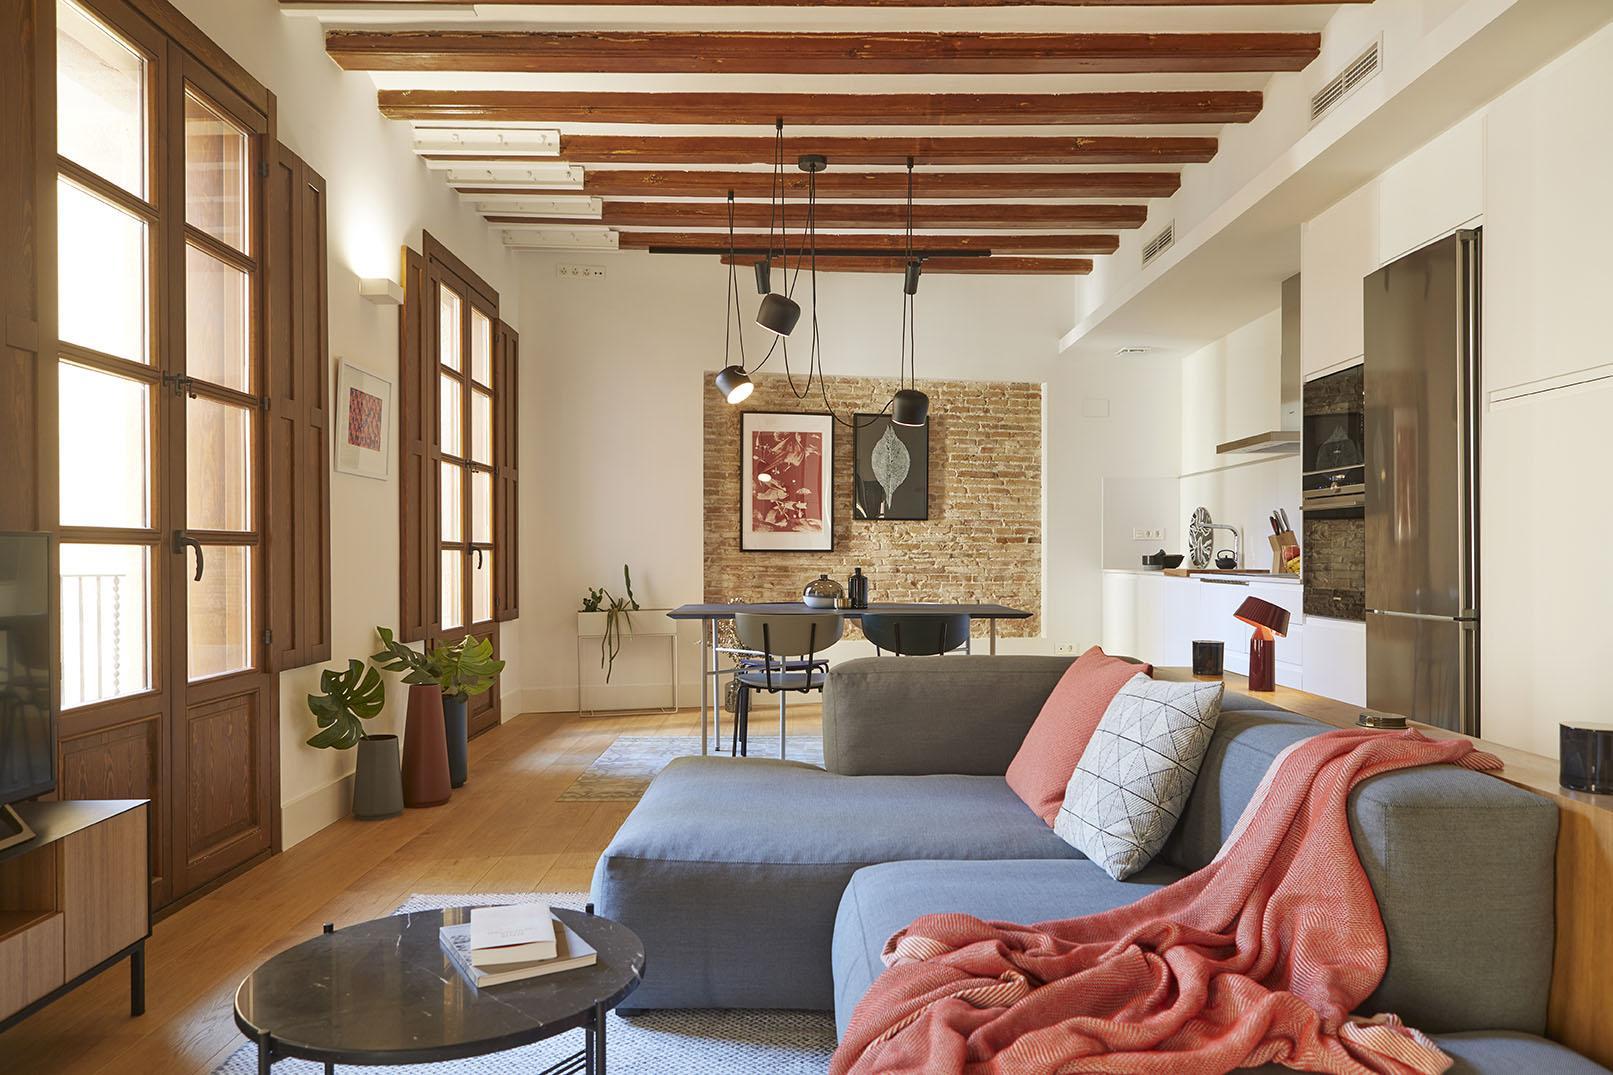 Un piso luminoso funcional y muy bien decorado somos nextic - Pisos bien decorados ...